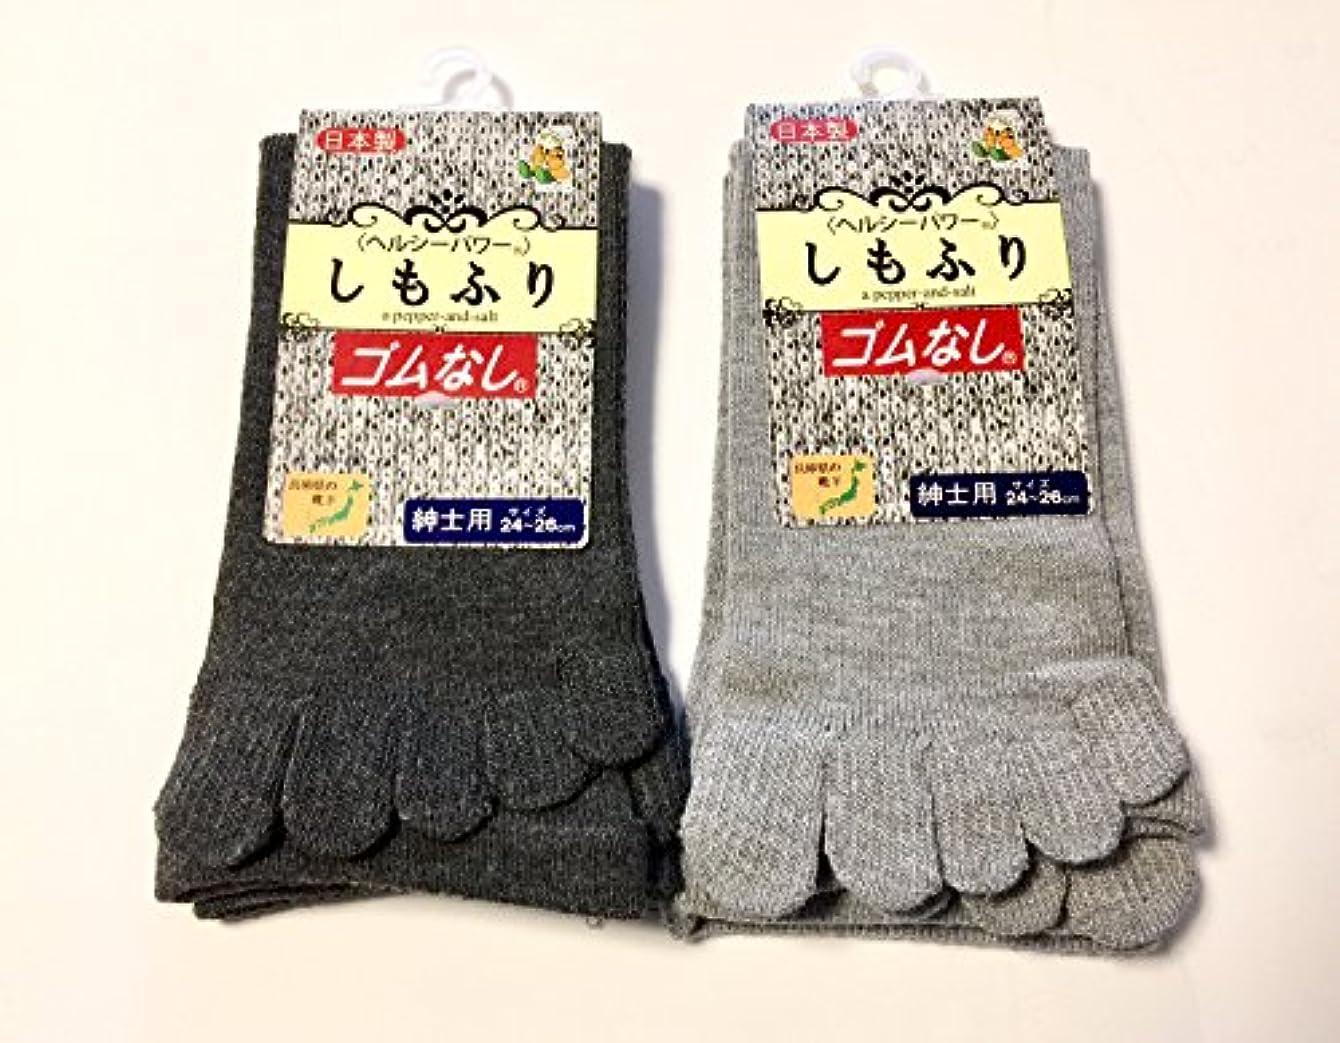 スクリーチ入札いじめっ子5本指ソックス メンズ 日本製 口ゴムなし しめつけない靴下 24~26cm 2色2足組